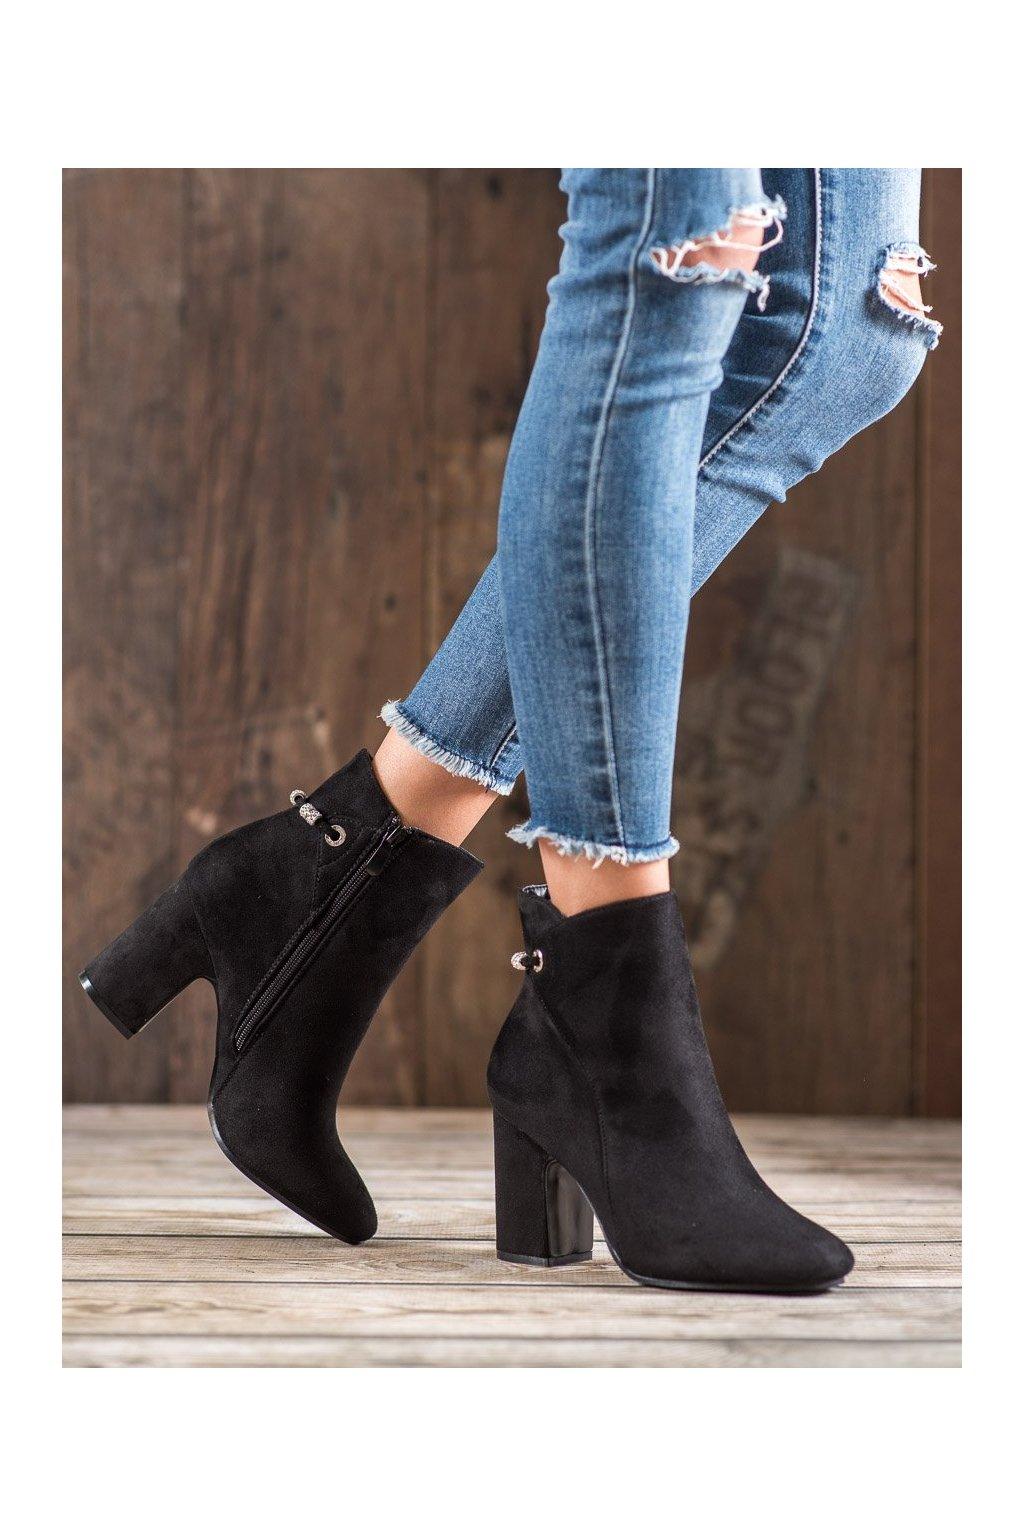 Čierne dámske topánky na hrubom podpätku Shelovet kod T2166B